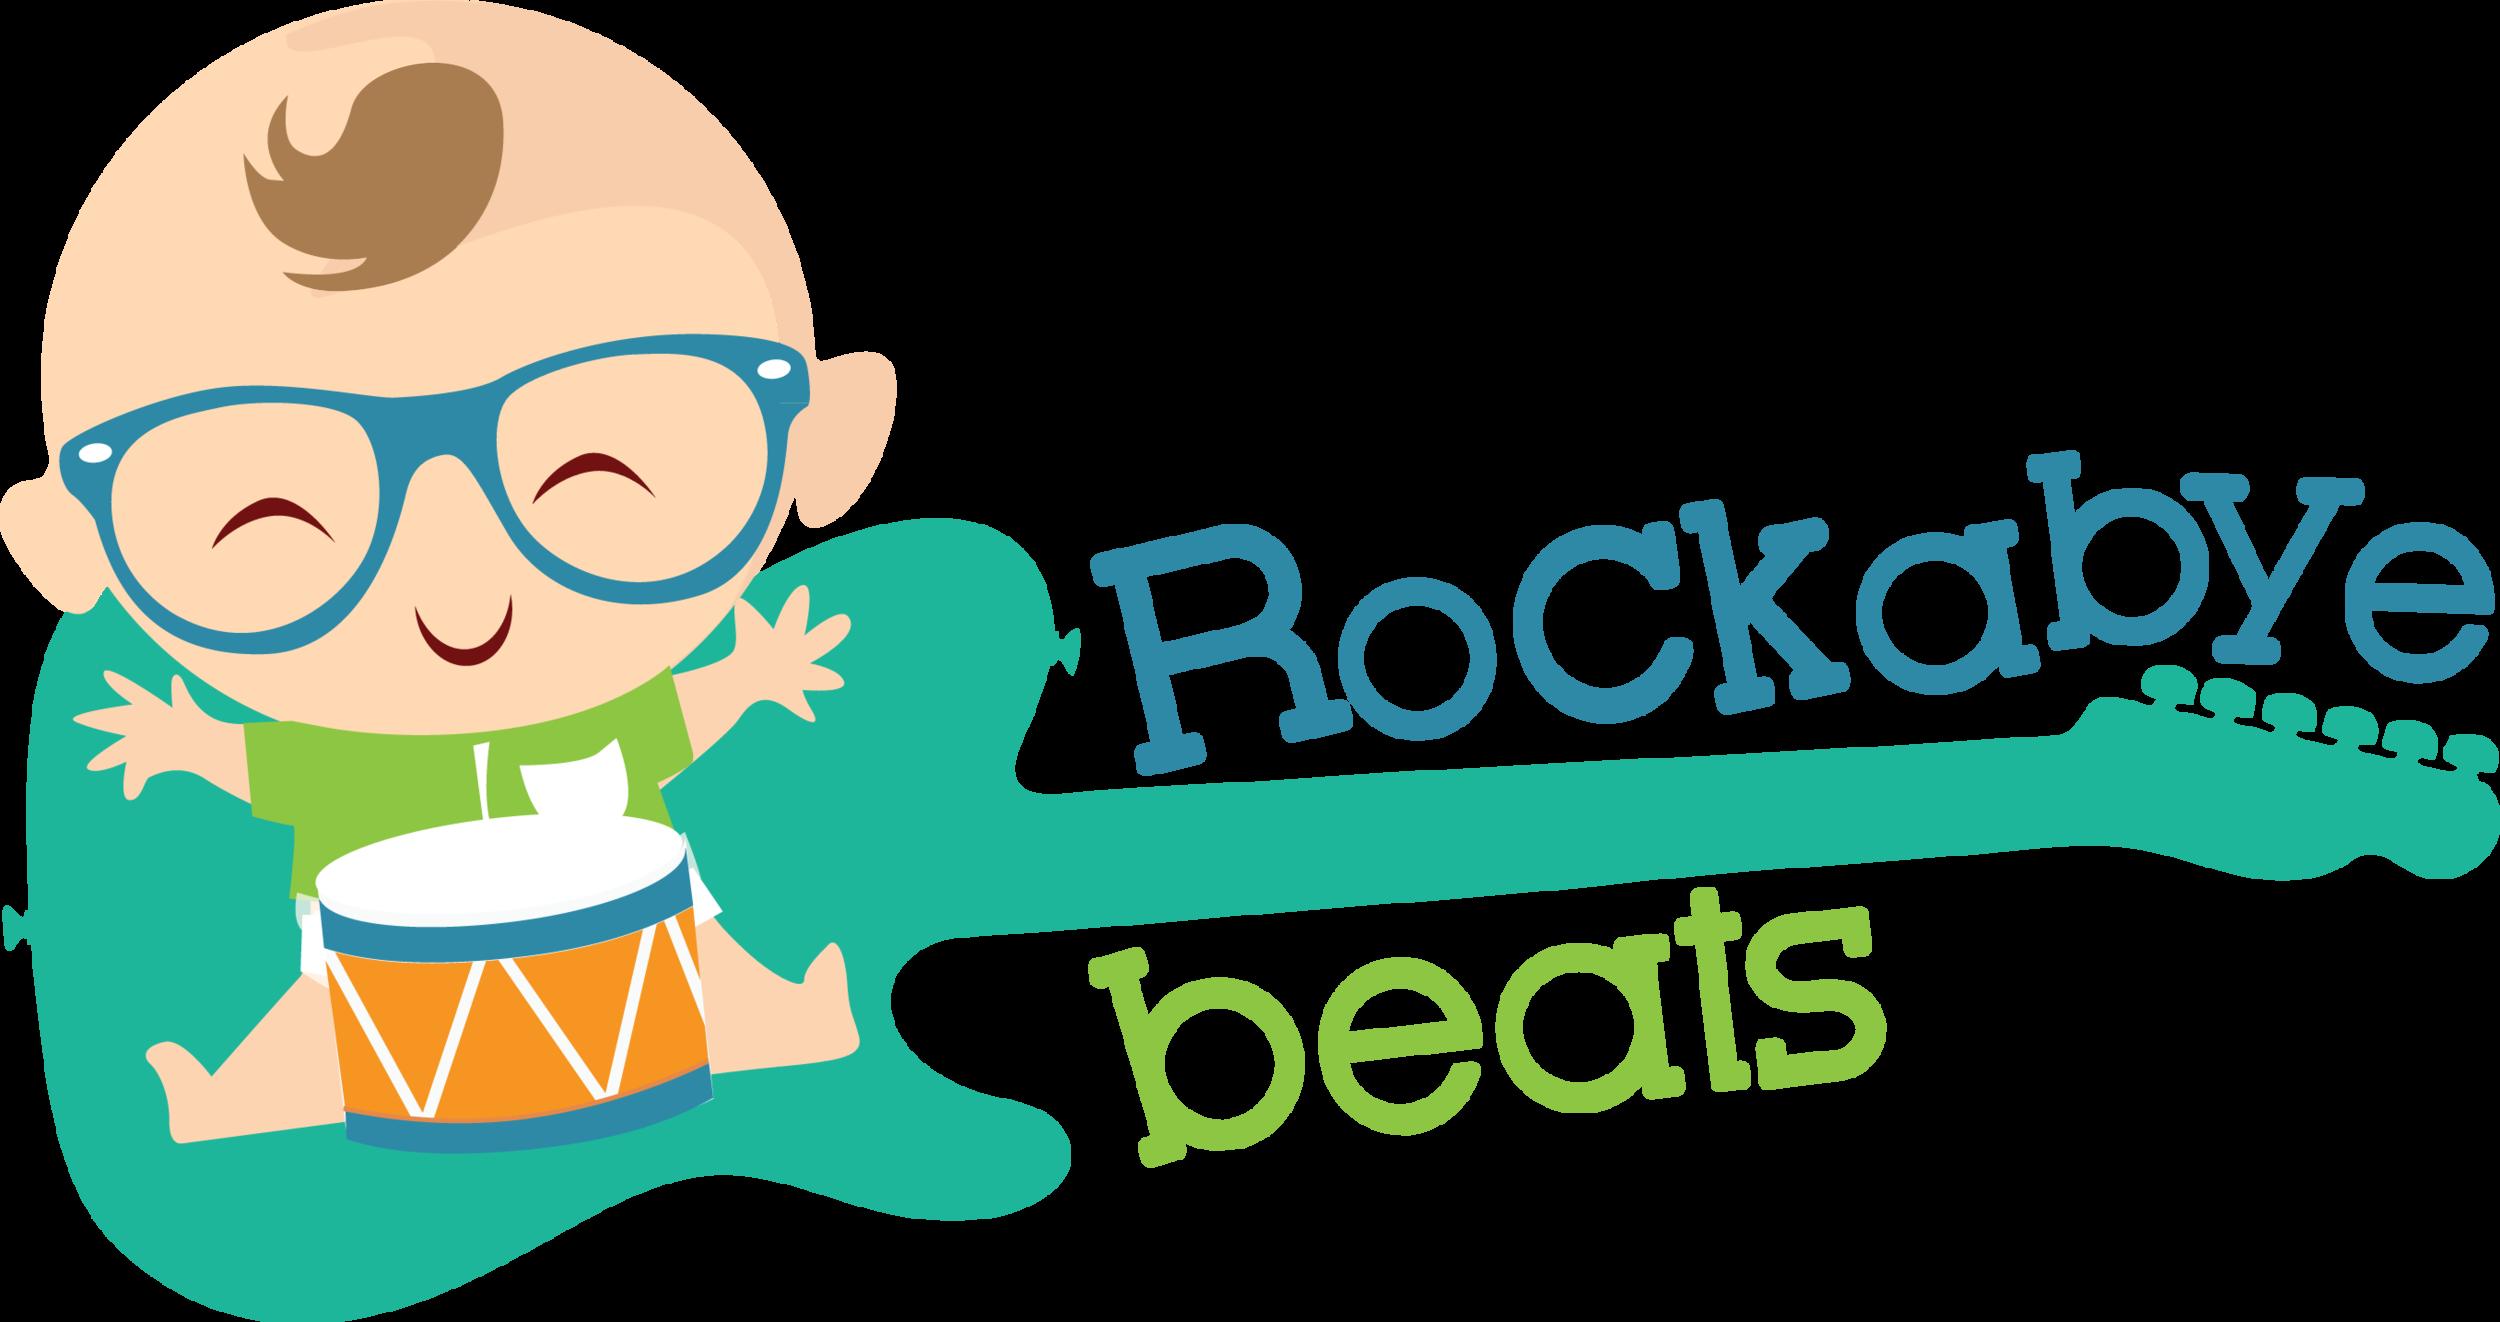 rockabye-beats-logo